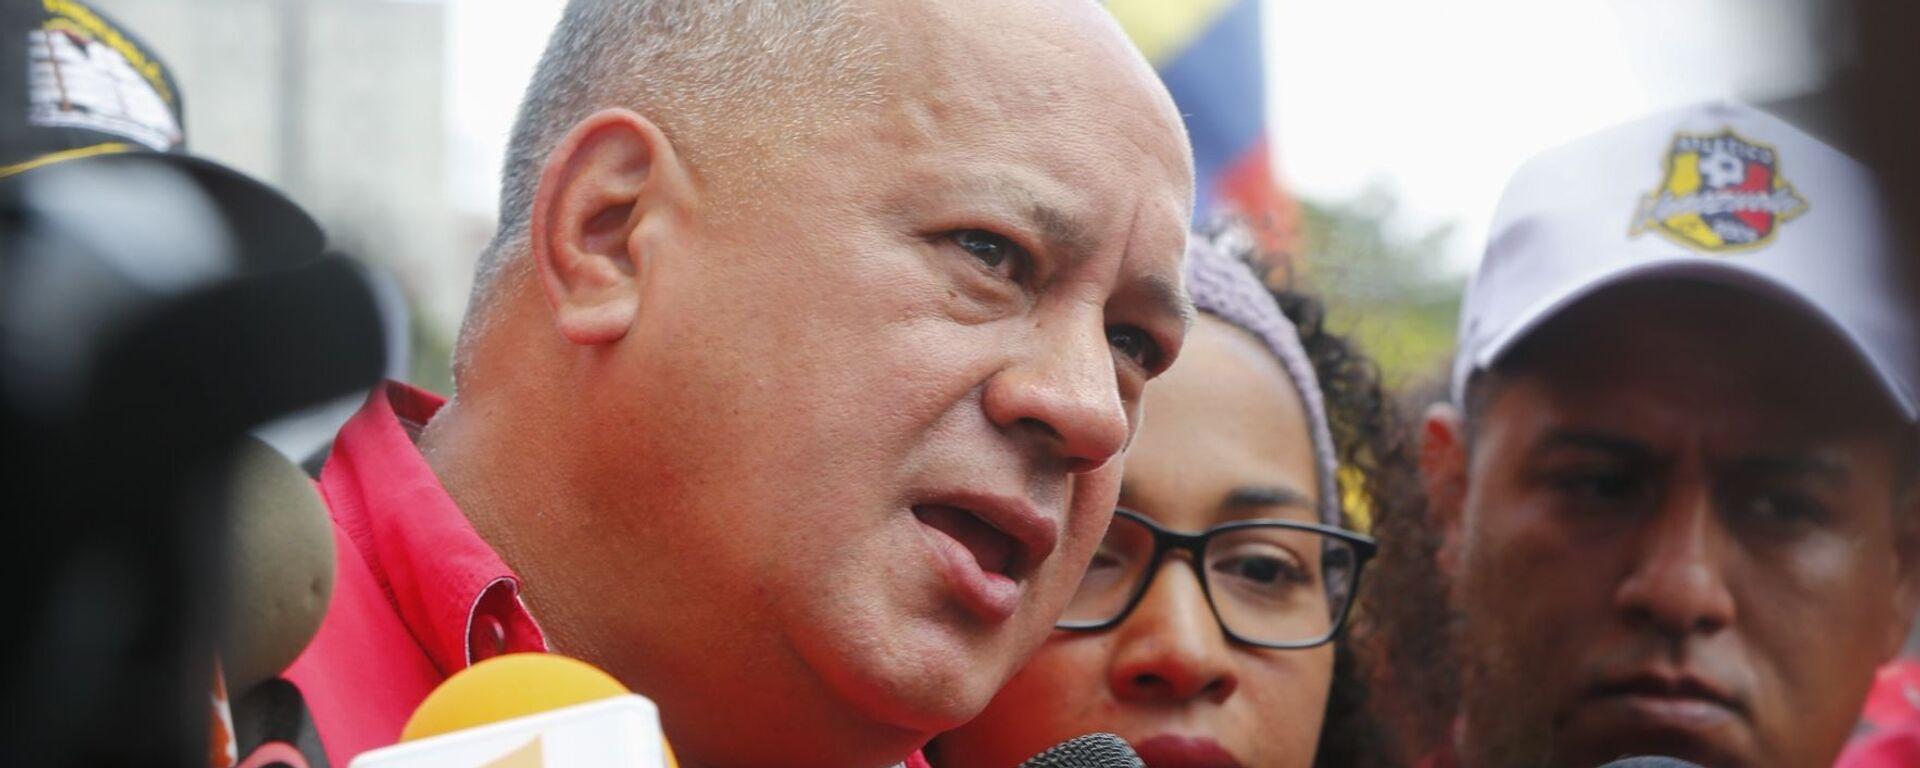 Diosdado Cabello, presidente de la Asamblea Nacional Constituyente de Venezuela, una de las víctimas de las olas de 'fake news' lanzadas contra el Gobierno de Nicolás Maduro - Sputnik Mundo, 1920, 22.06.2021